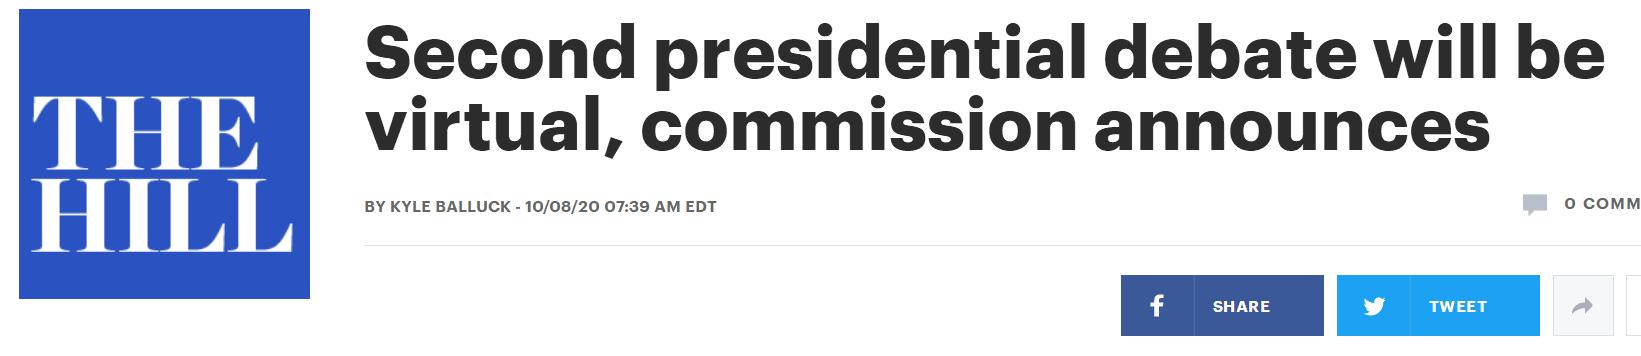 快讯!美媒:第二场美国总统争执将以远程方式举行 第2张